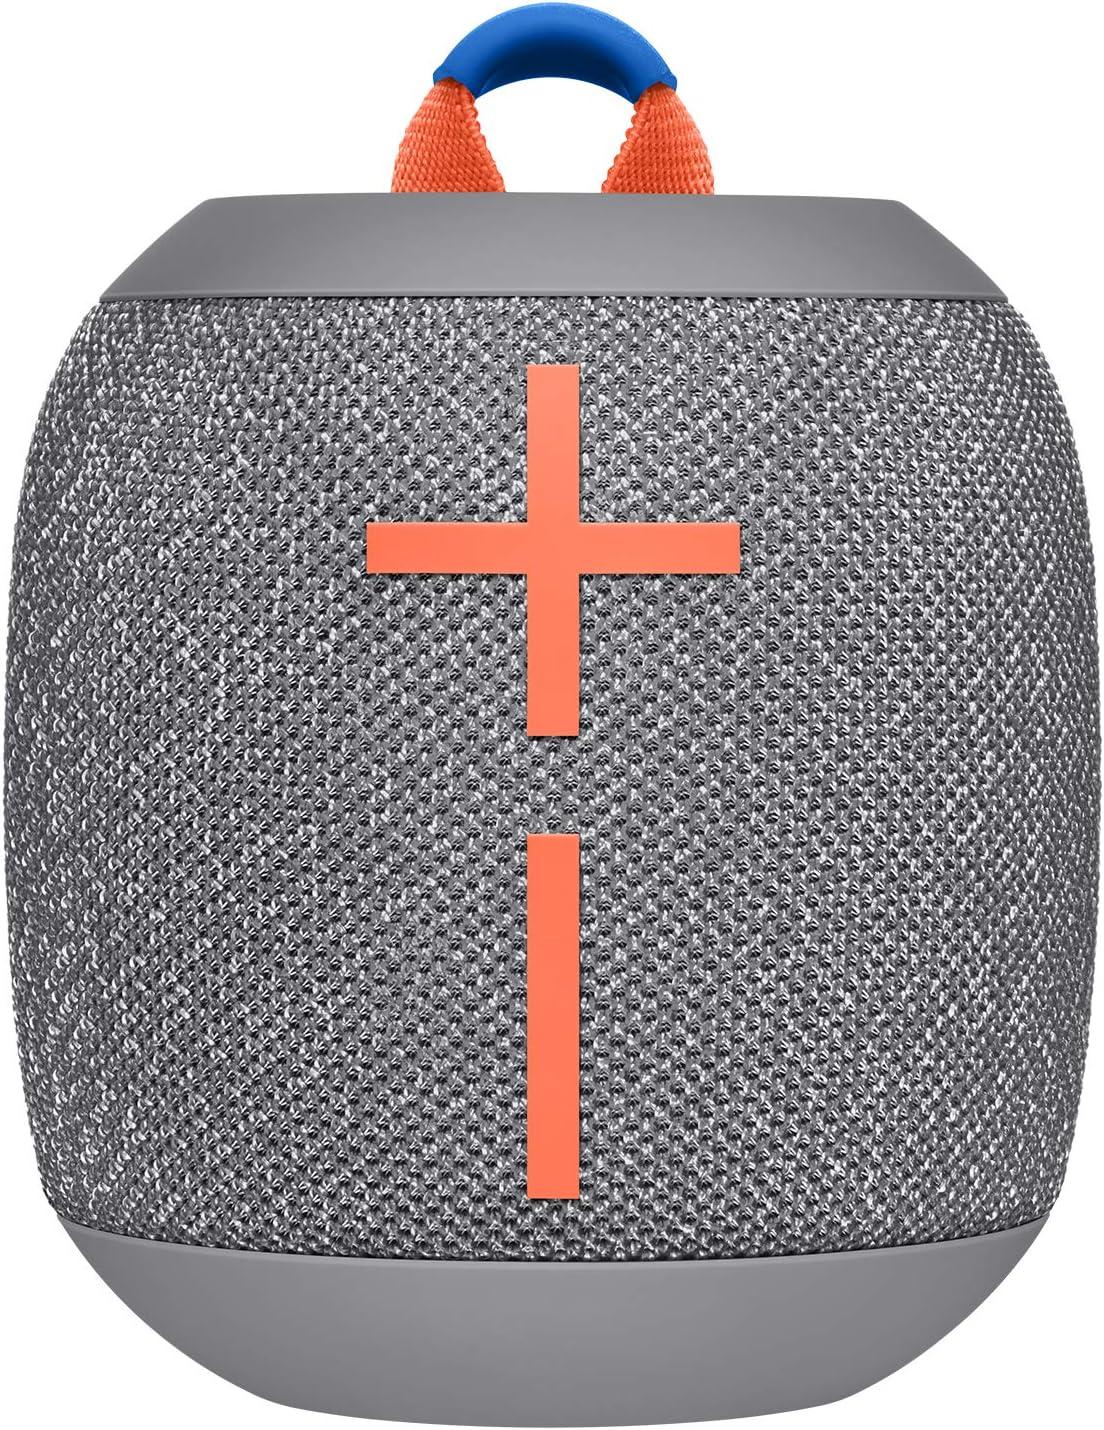 Wonderboom2 speaker in grey color with orange details on front